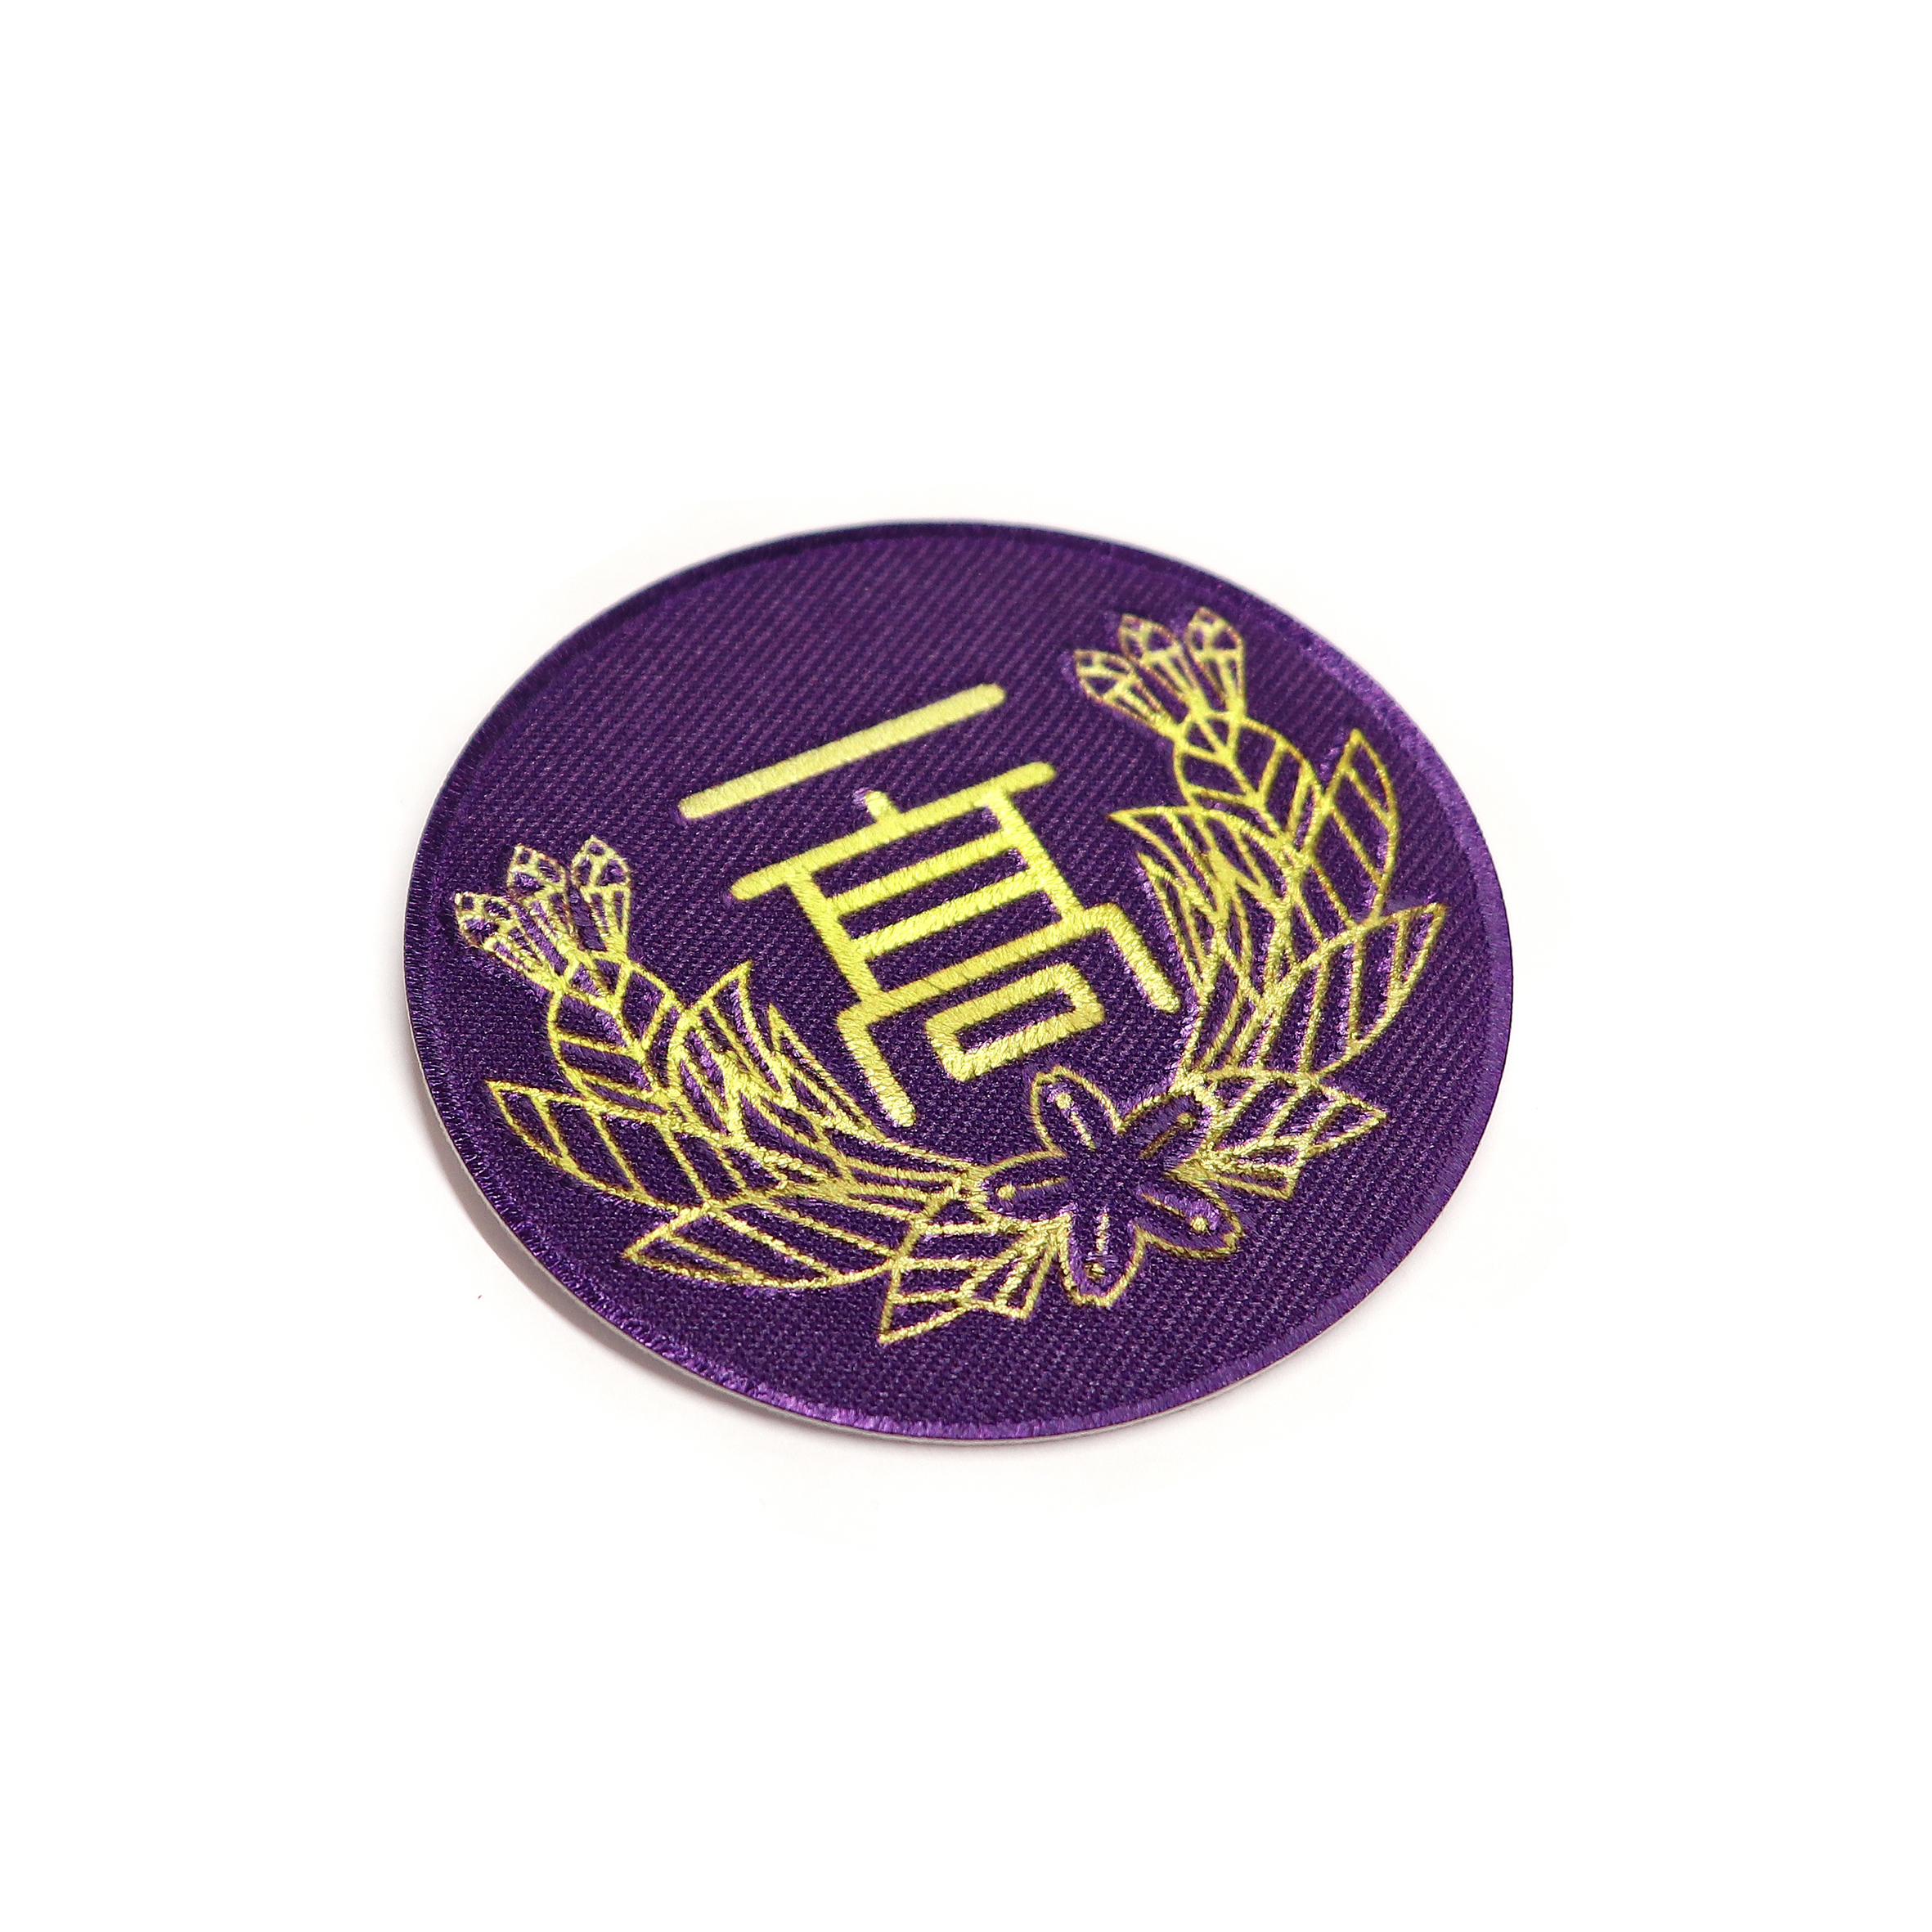 【R006717】せと刺繍®/オリジナルワッペン